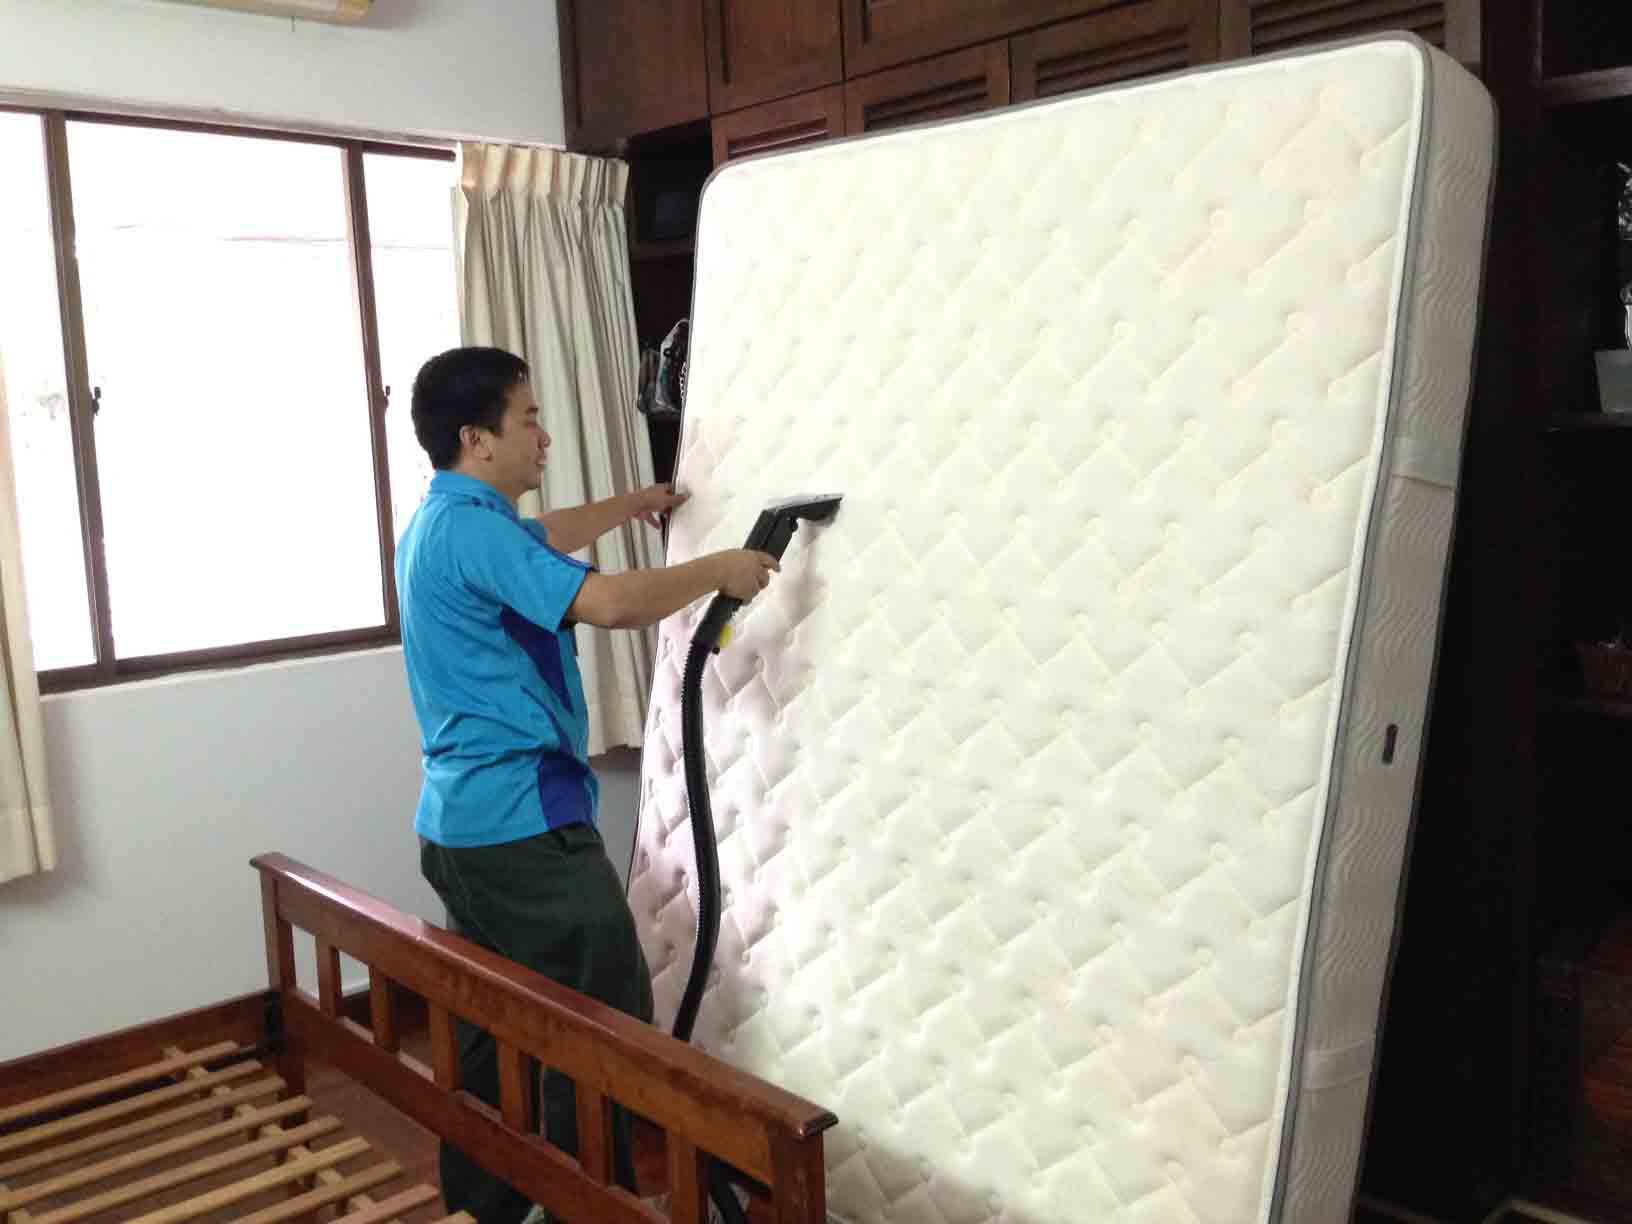 Hút bụi giường đệm trước khi vệ sinh tại nhà.